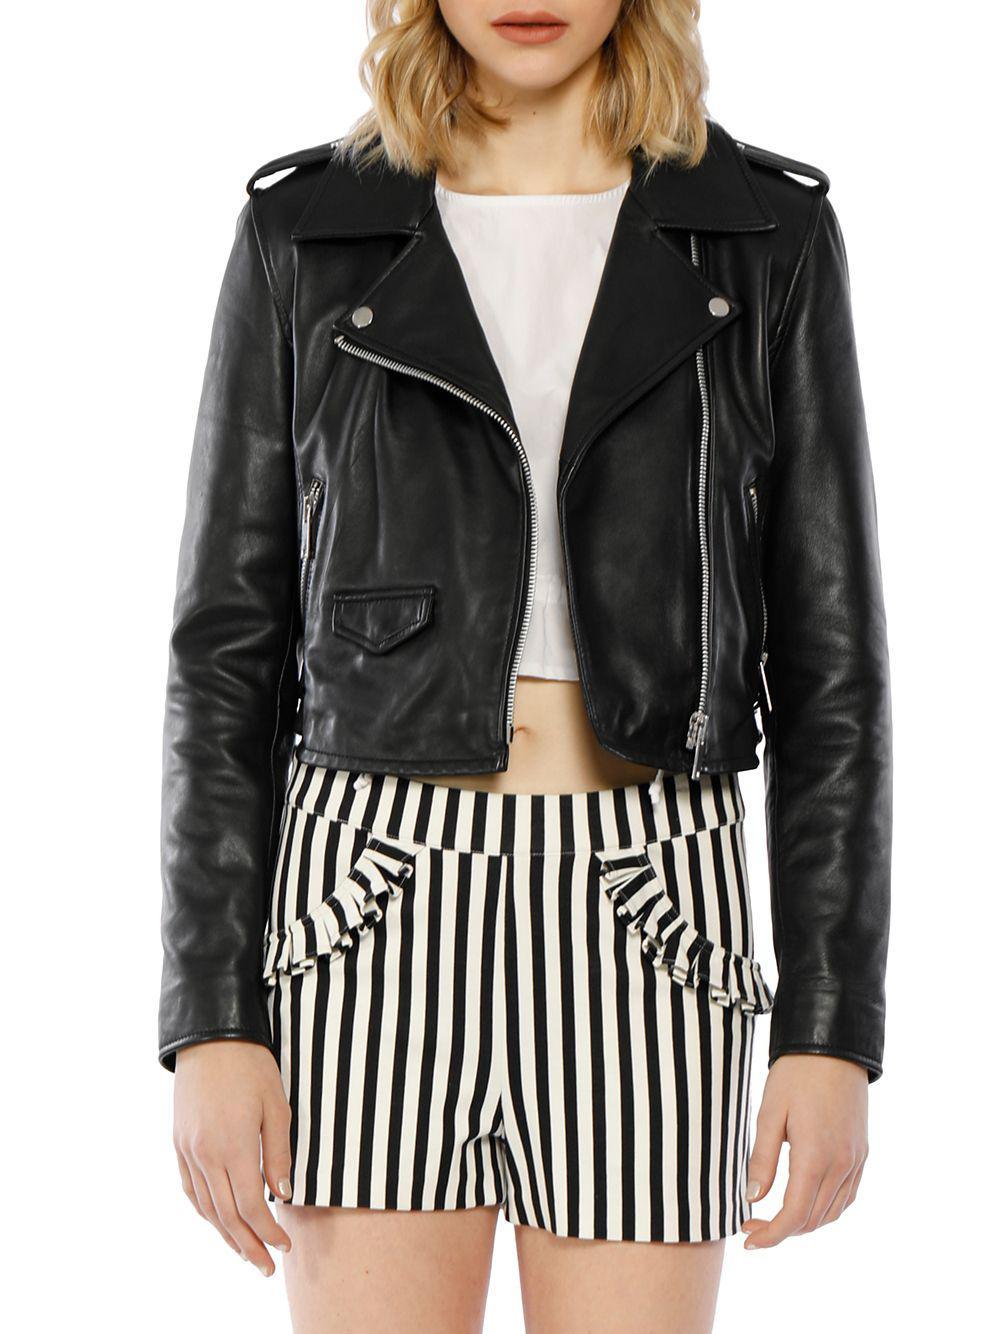 1eecc8787d242 Walter Baker Liz Leather Moto Jacket in Black - Lyst